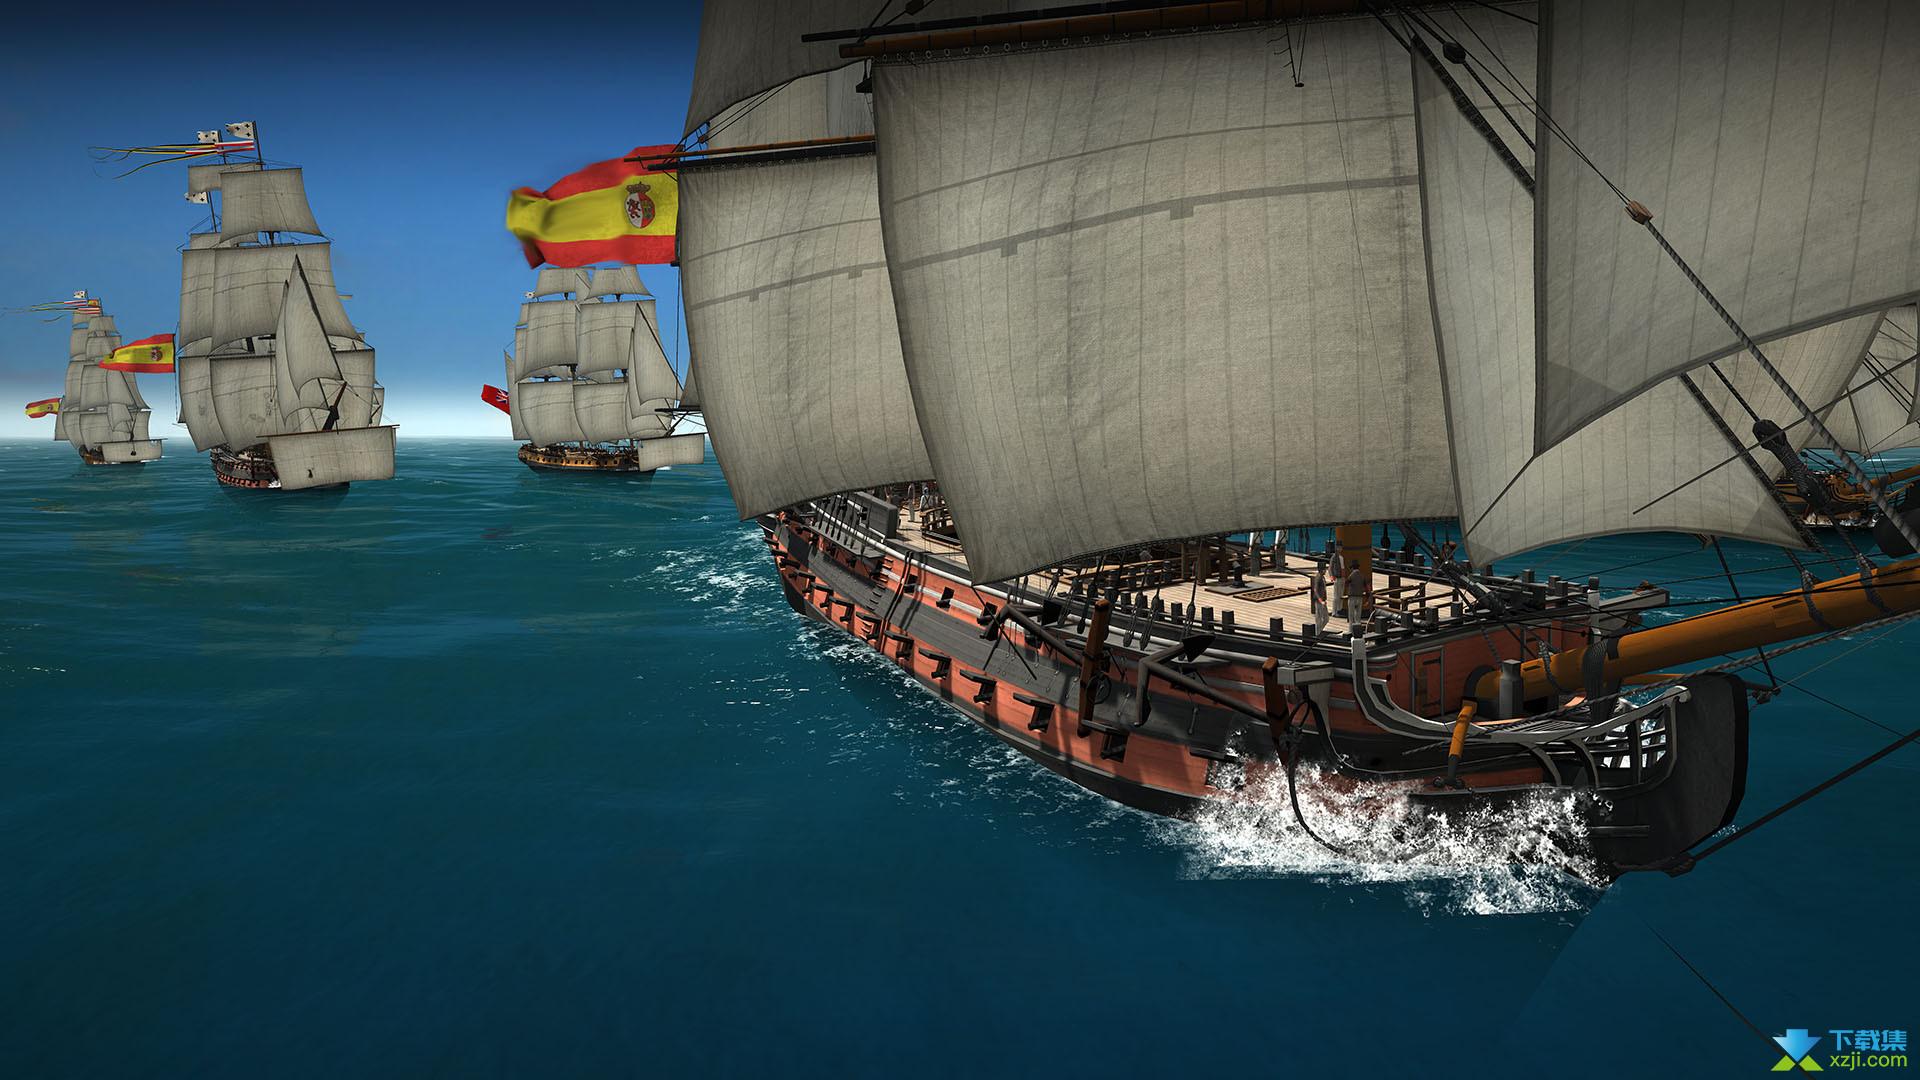 终极提督航海时代界面1